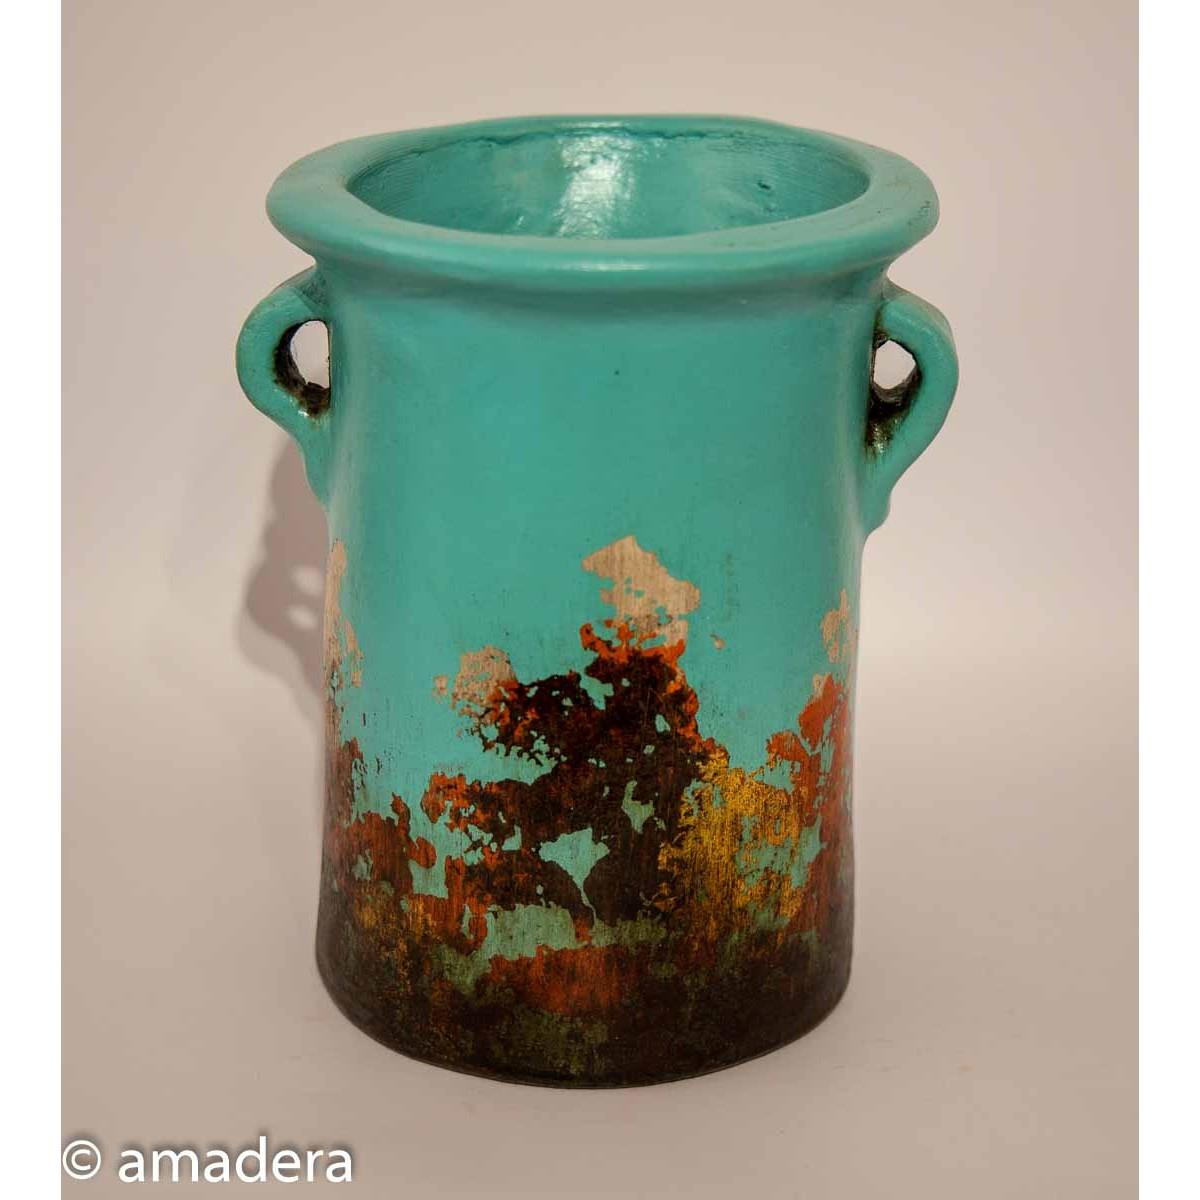 Poterie cache-pots bleu turquoise